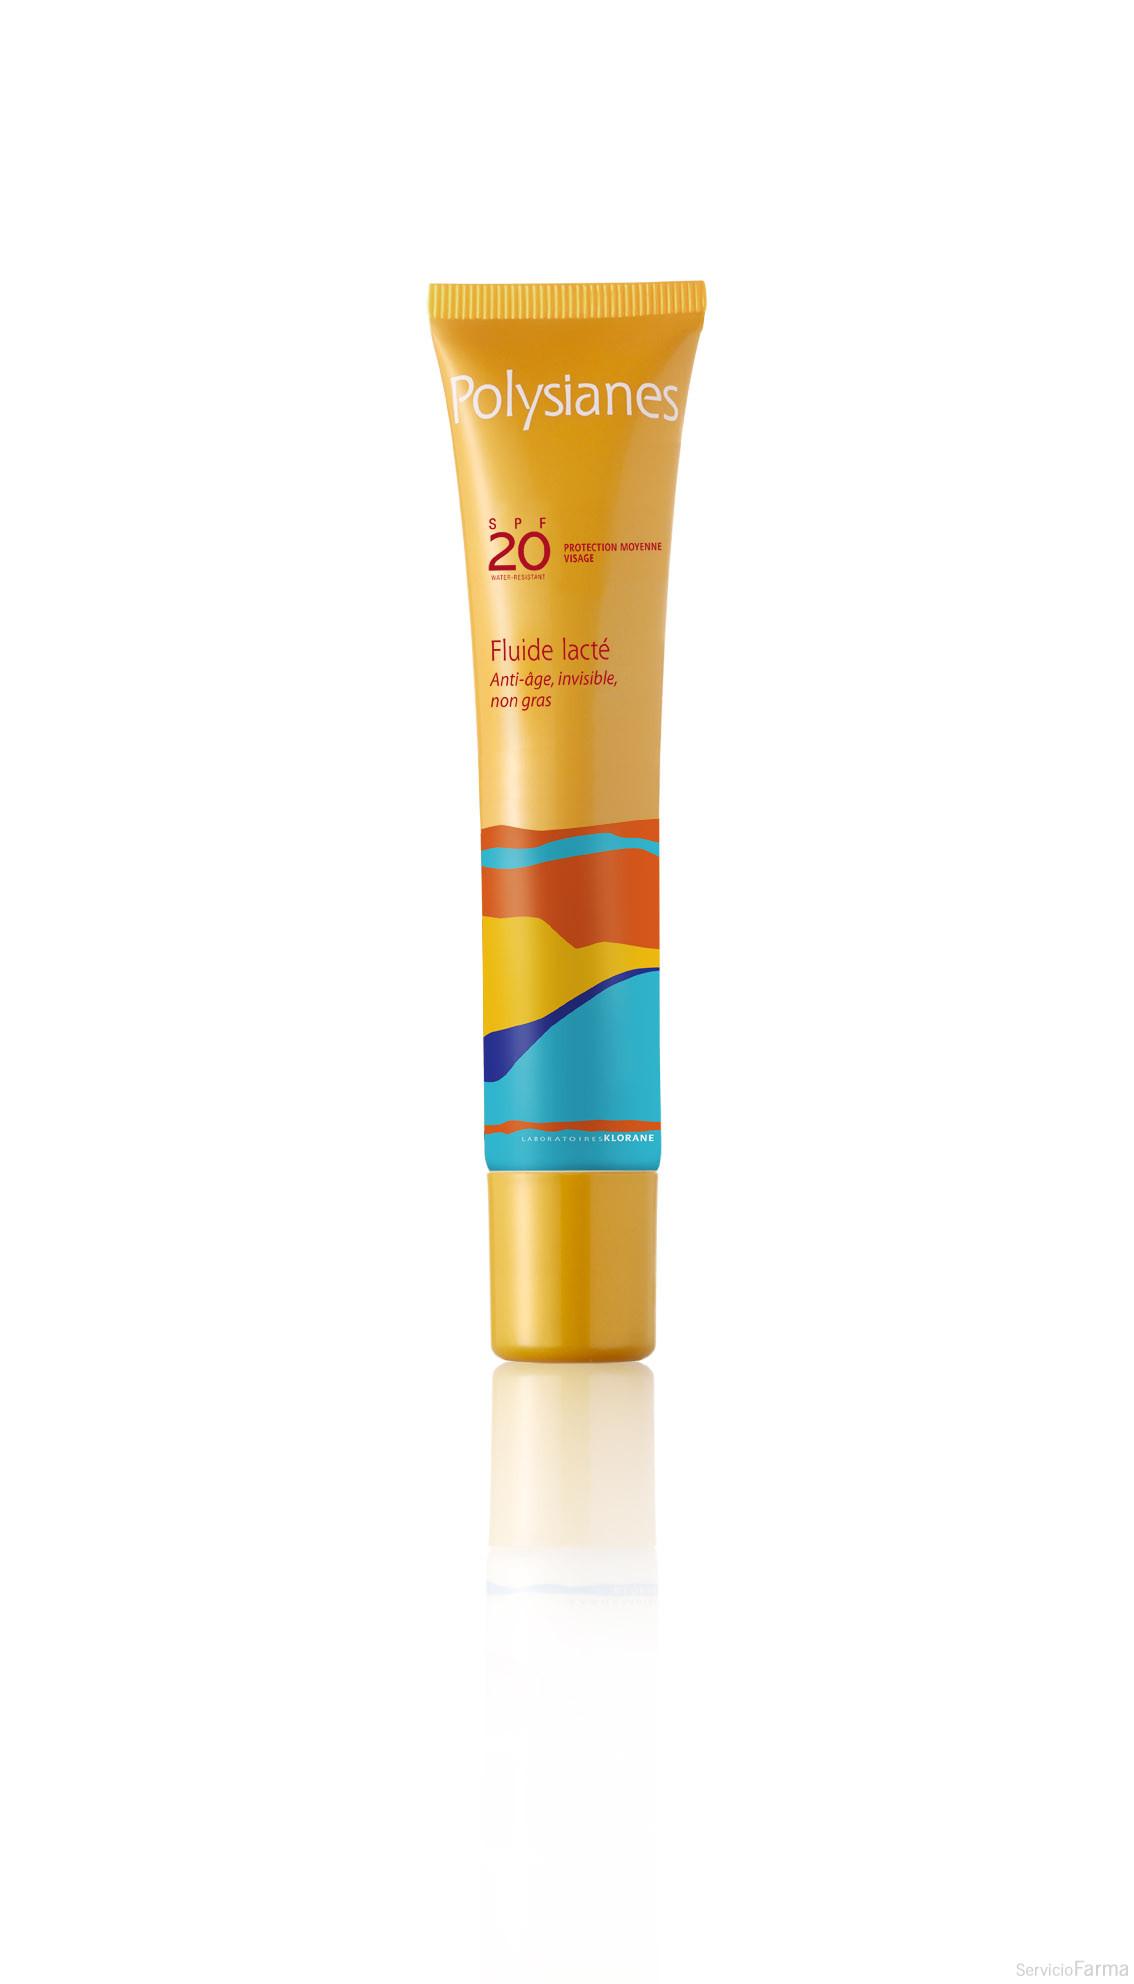 Fluido Precioso SPF20 - Polysianes (40 ml)